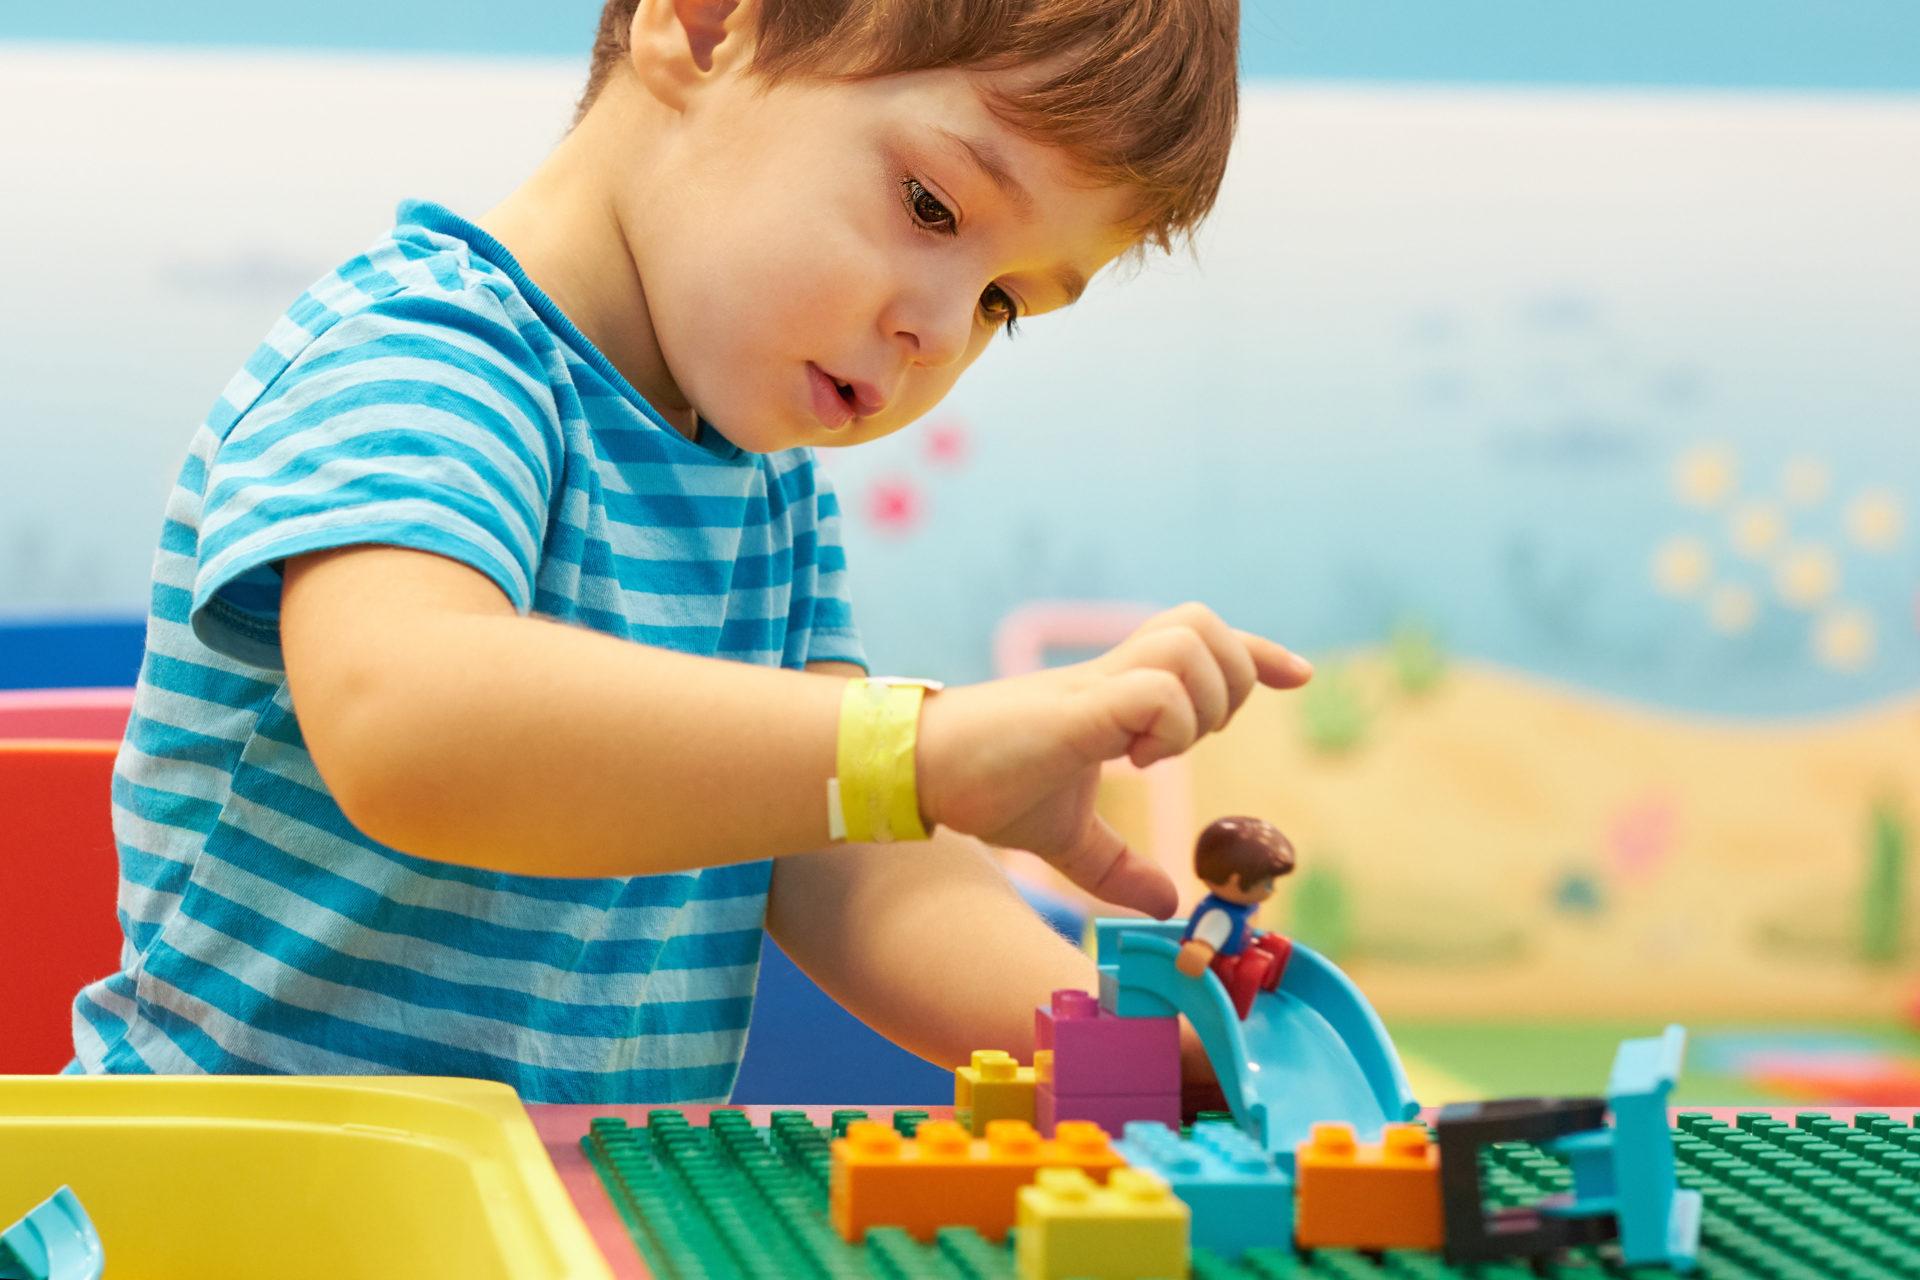 Jeu, Jouet Enfant - Jeu Enfant 2 Ans, 3 Ans, 4 Ans Et 5 Ans à Jeux Pour Petite Fille De 4 Ans Gratuit